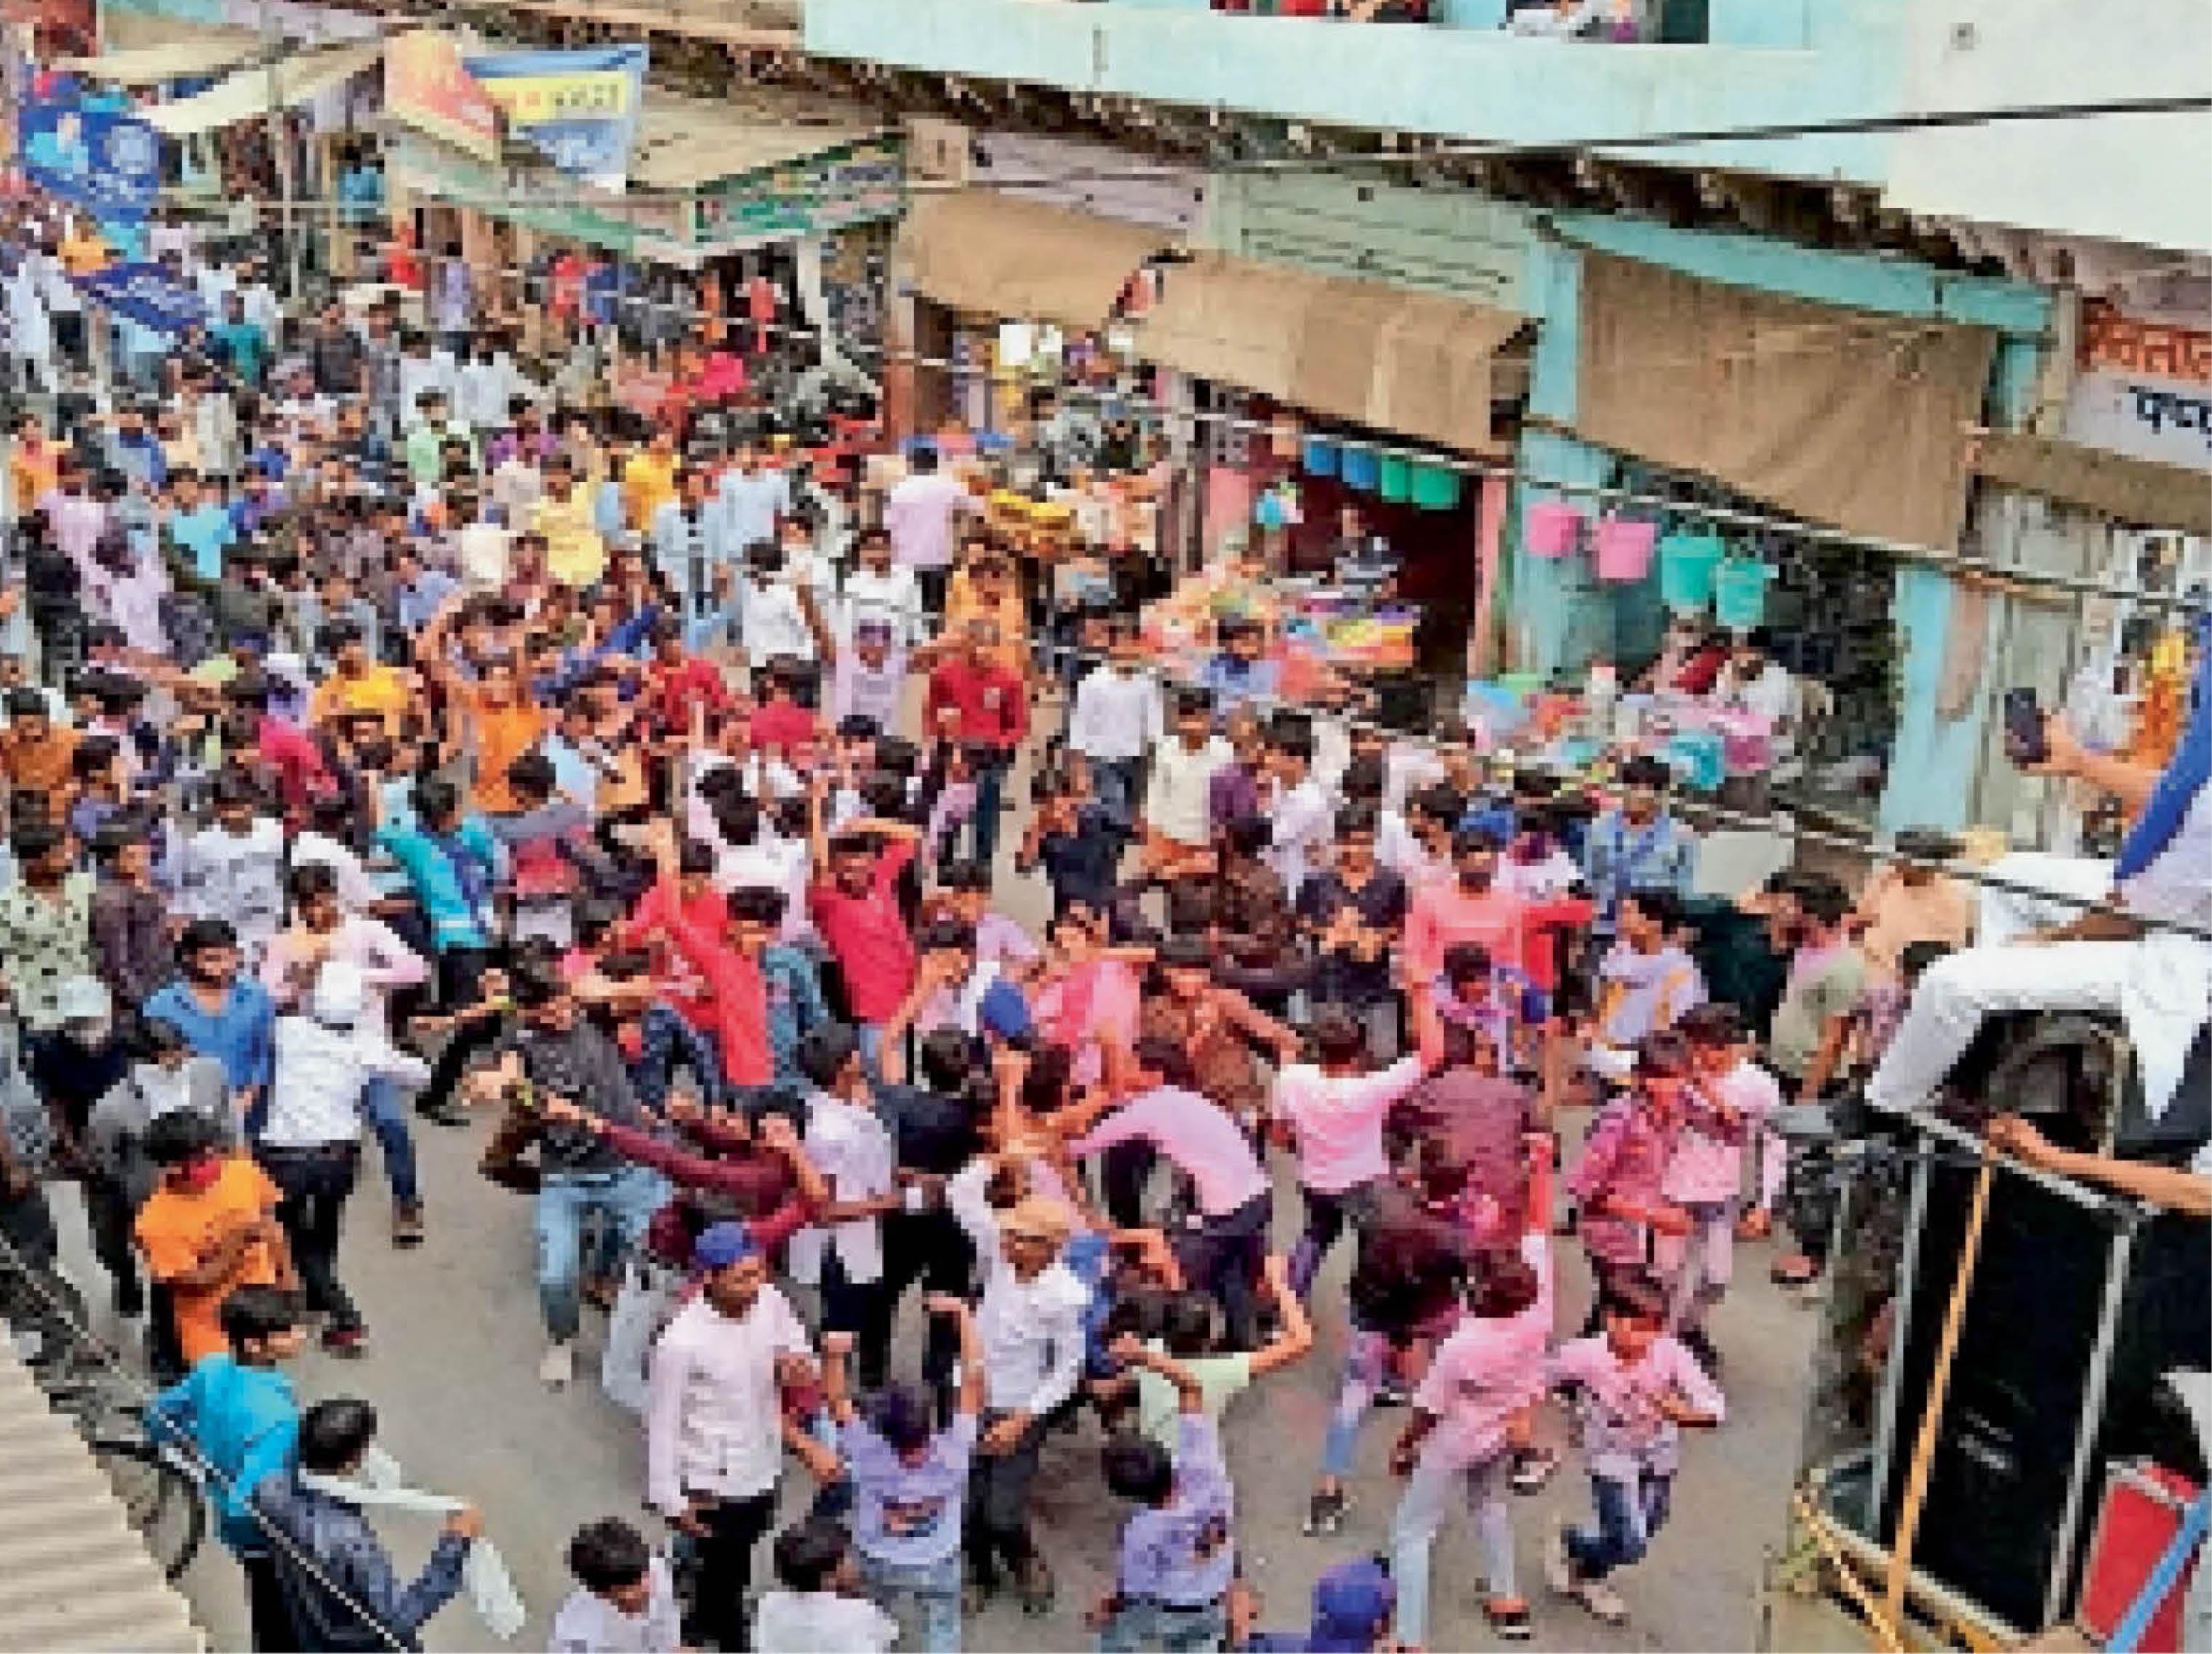 भरतपुर. शहर में डॉ. बीआर अंबेडकर की 130वीं जयंती के अवसर पर निकाली गई रैली में शामिल लोग। - Dainik Bhaskar